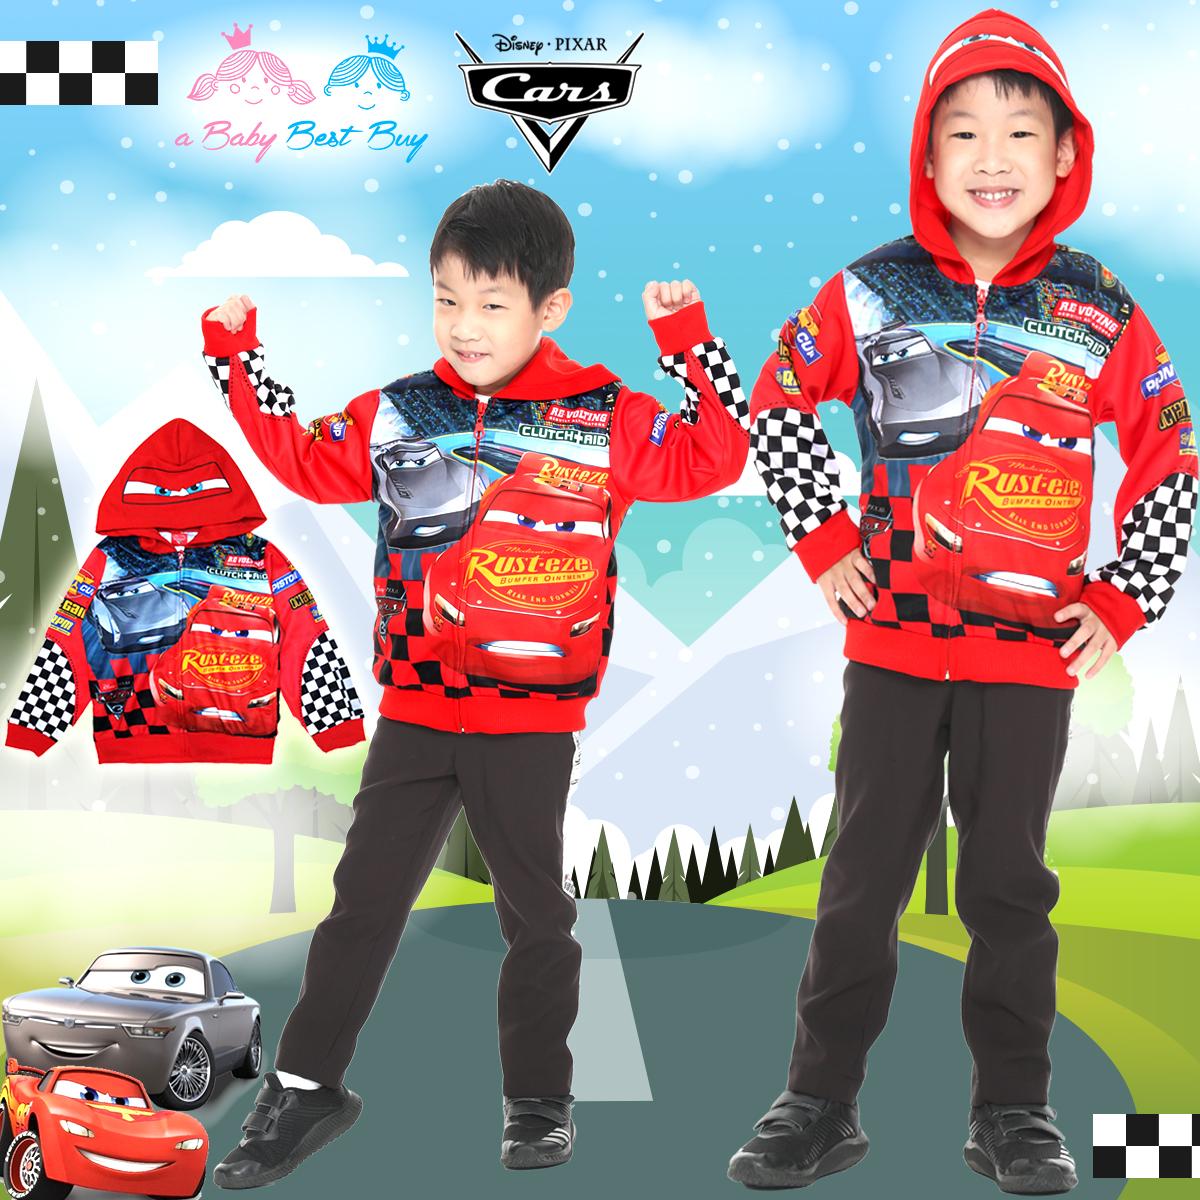 """"""" ( Size S-M-L """" เสื้อแจ็คเก็ต Jacket Disney Cars เสื้อกันหนาว เด็กผู้ชายสีแดง สกรีนลาย คาร์ รูดซิป มีหมวก(ฮู้ด) ใส่คลุมกันหนาว กันแดด ใส่สบาย ดิสนีย์แท้ ลิขสิทธิ์แท้"""